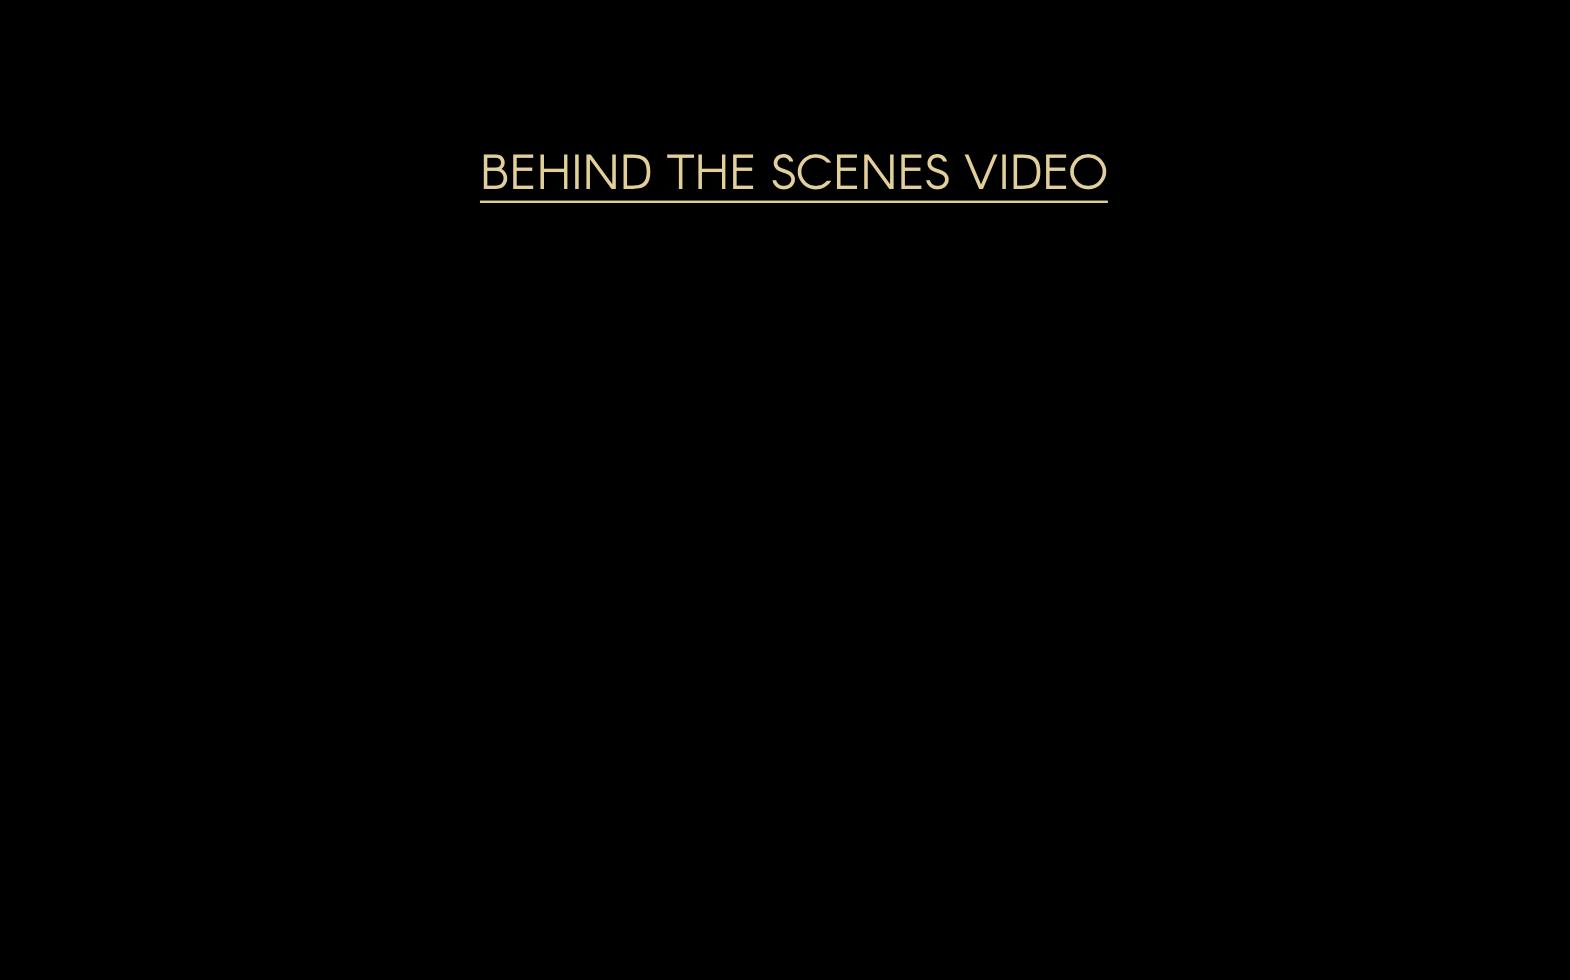 Screen Shot 2016-11-05 at 4.56.15 PM.png